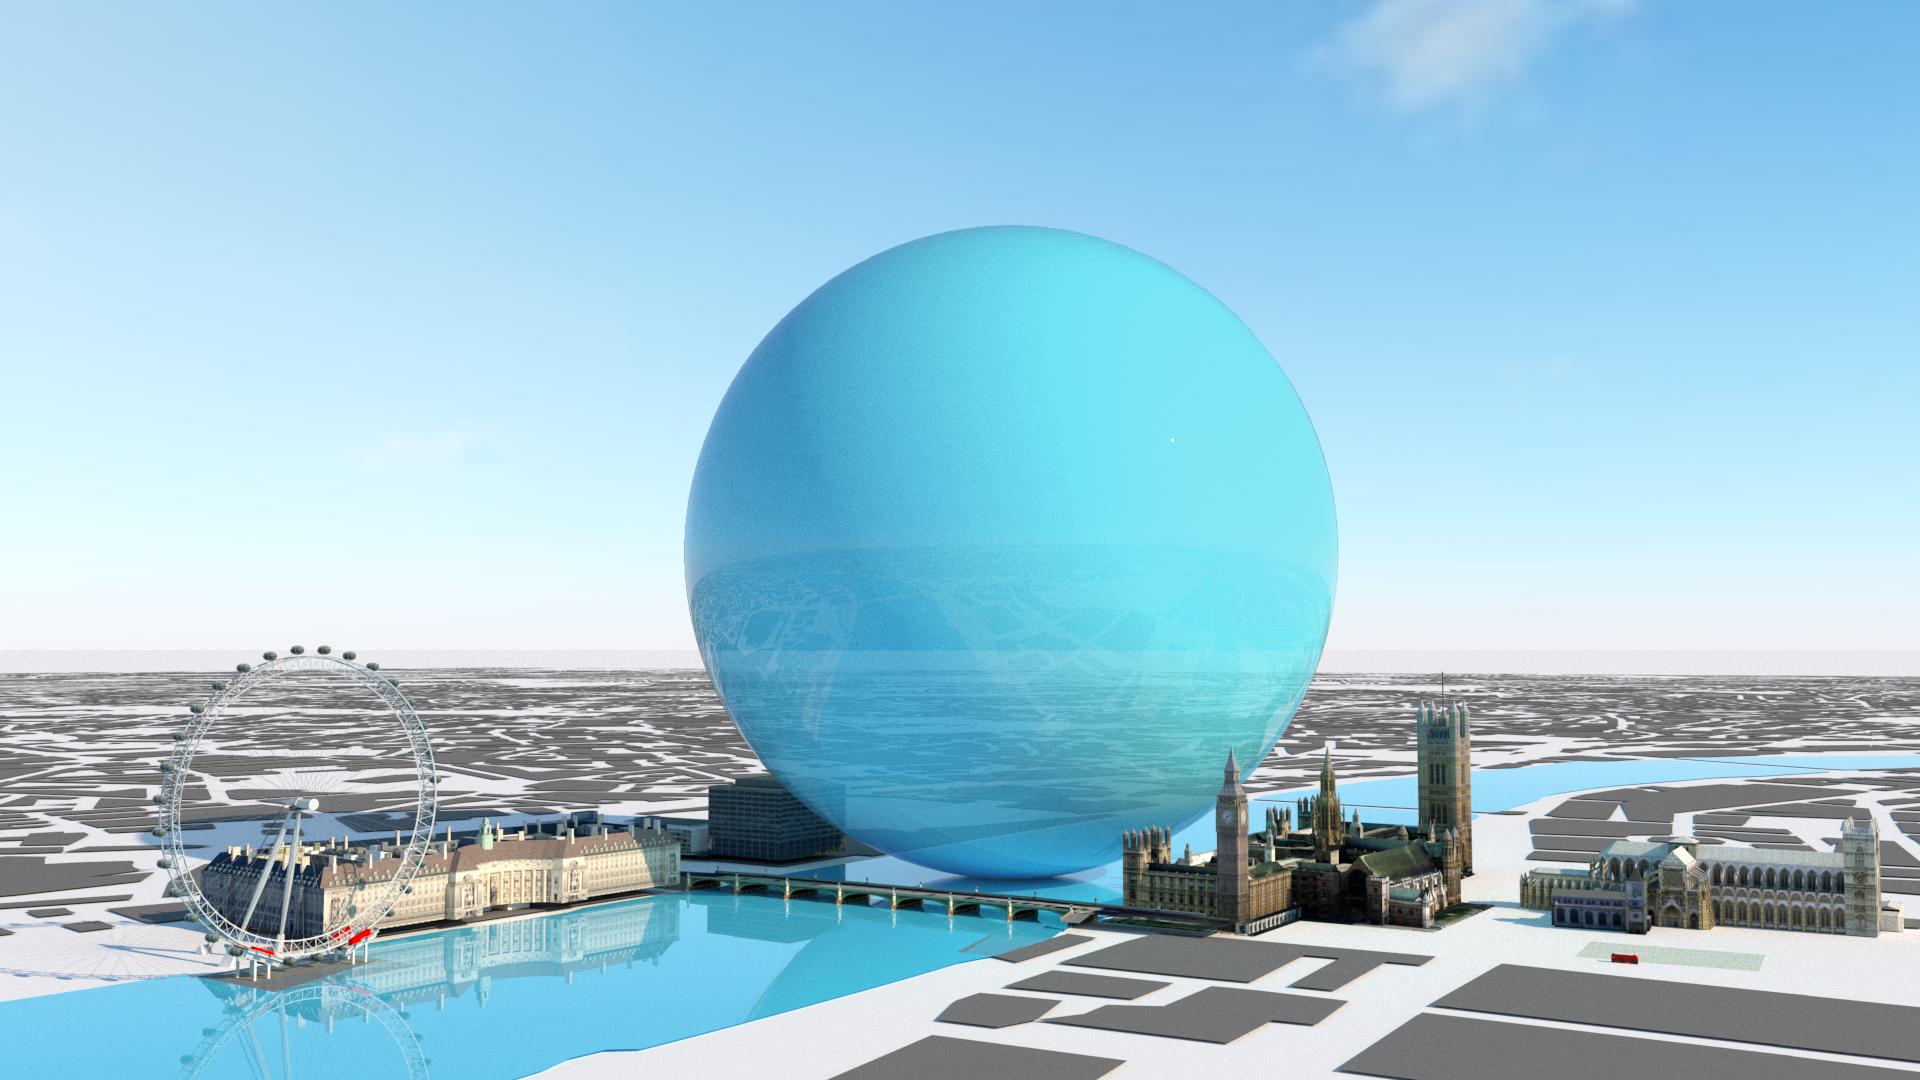 NHS_Sphere.png